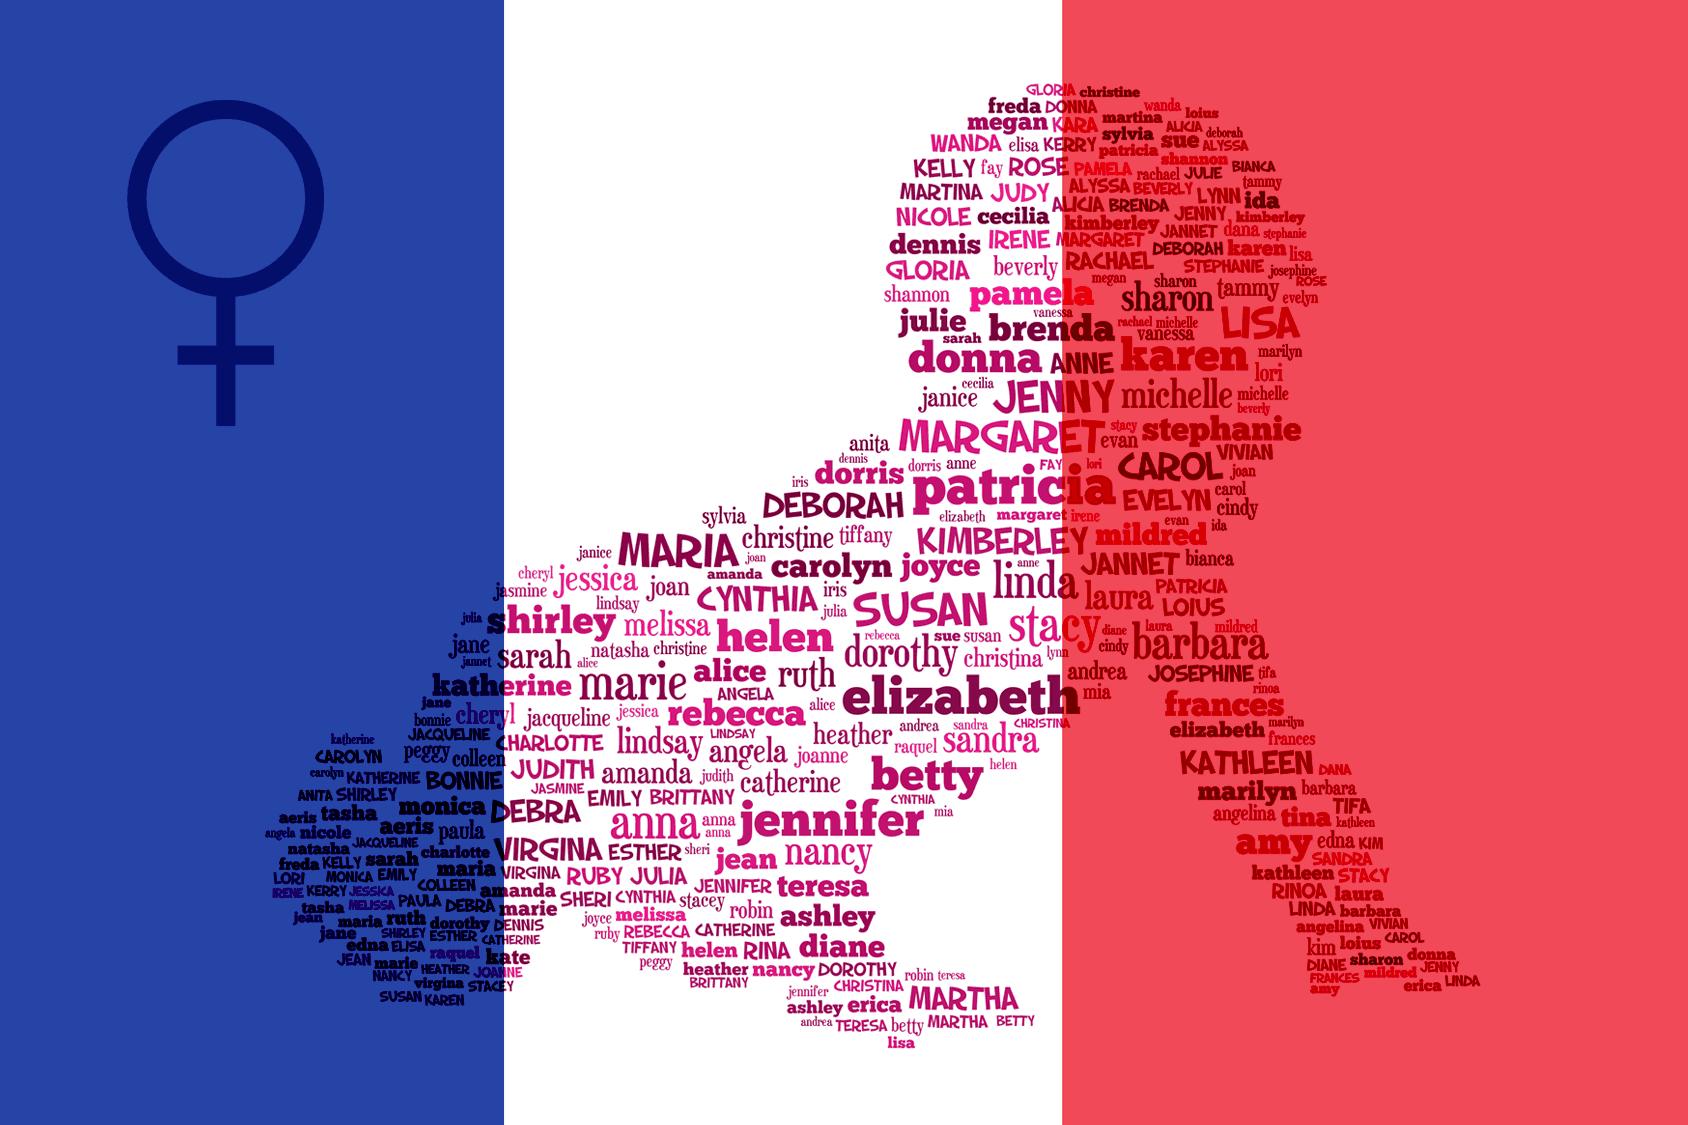 Franse Meisjesnamen 1735 Franse Voornamen